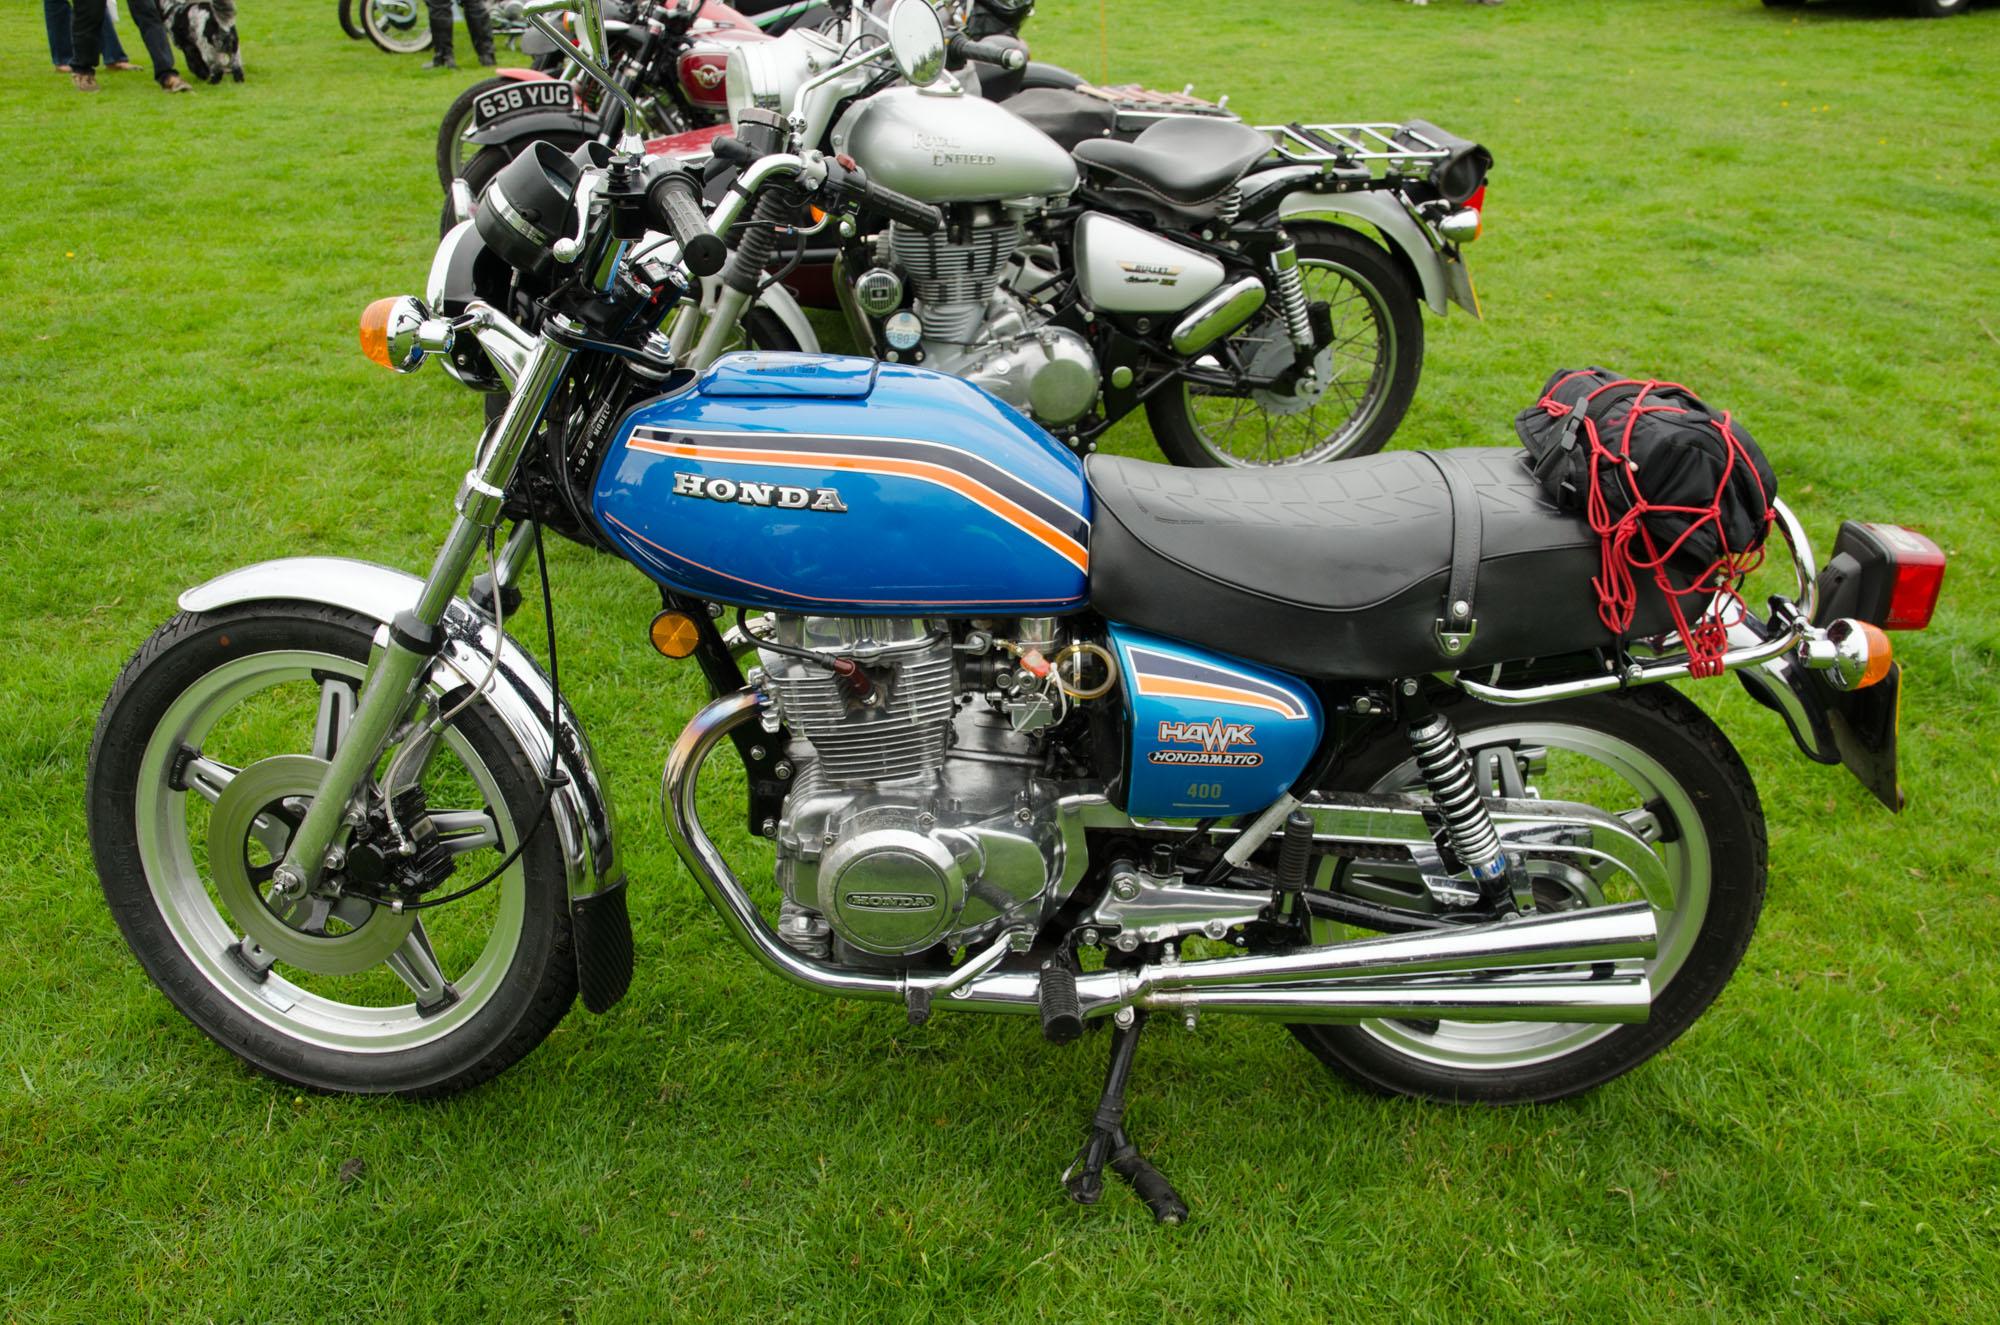 File:Honda CB400A Hawk Hondamatic (1978) - 18297627002.jpg